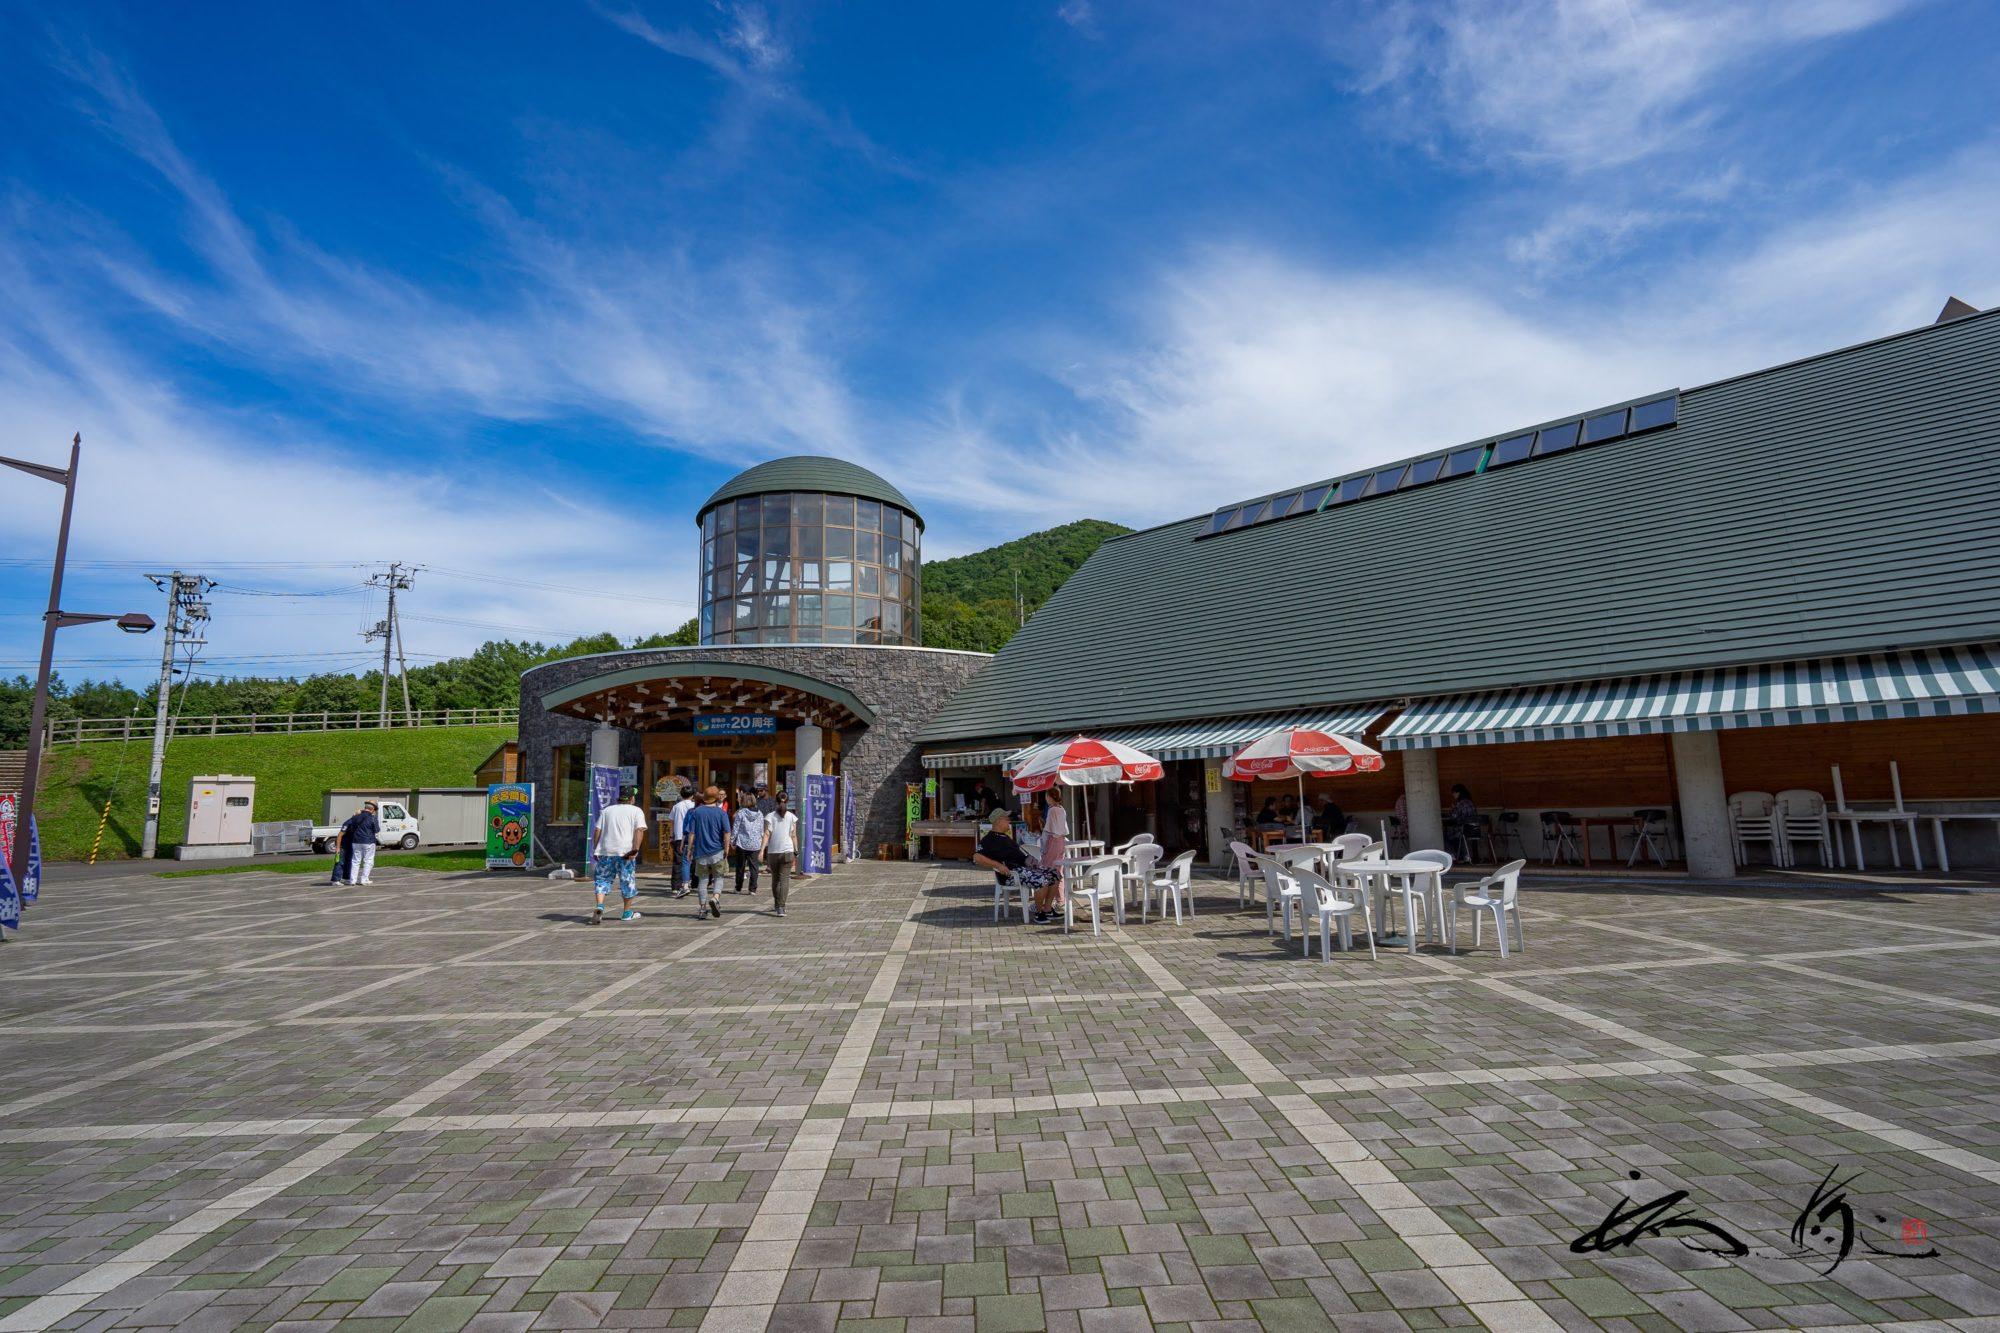 サロマ湖(佐呂間町)北の道の駅【No.051】オホーツクの美味しさと魅力を味わい尽くす